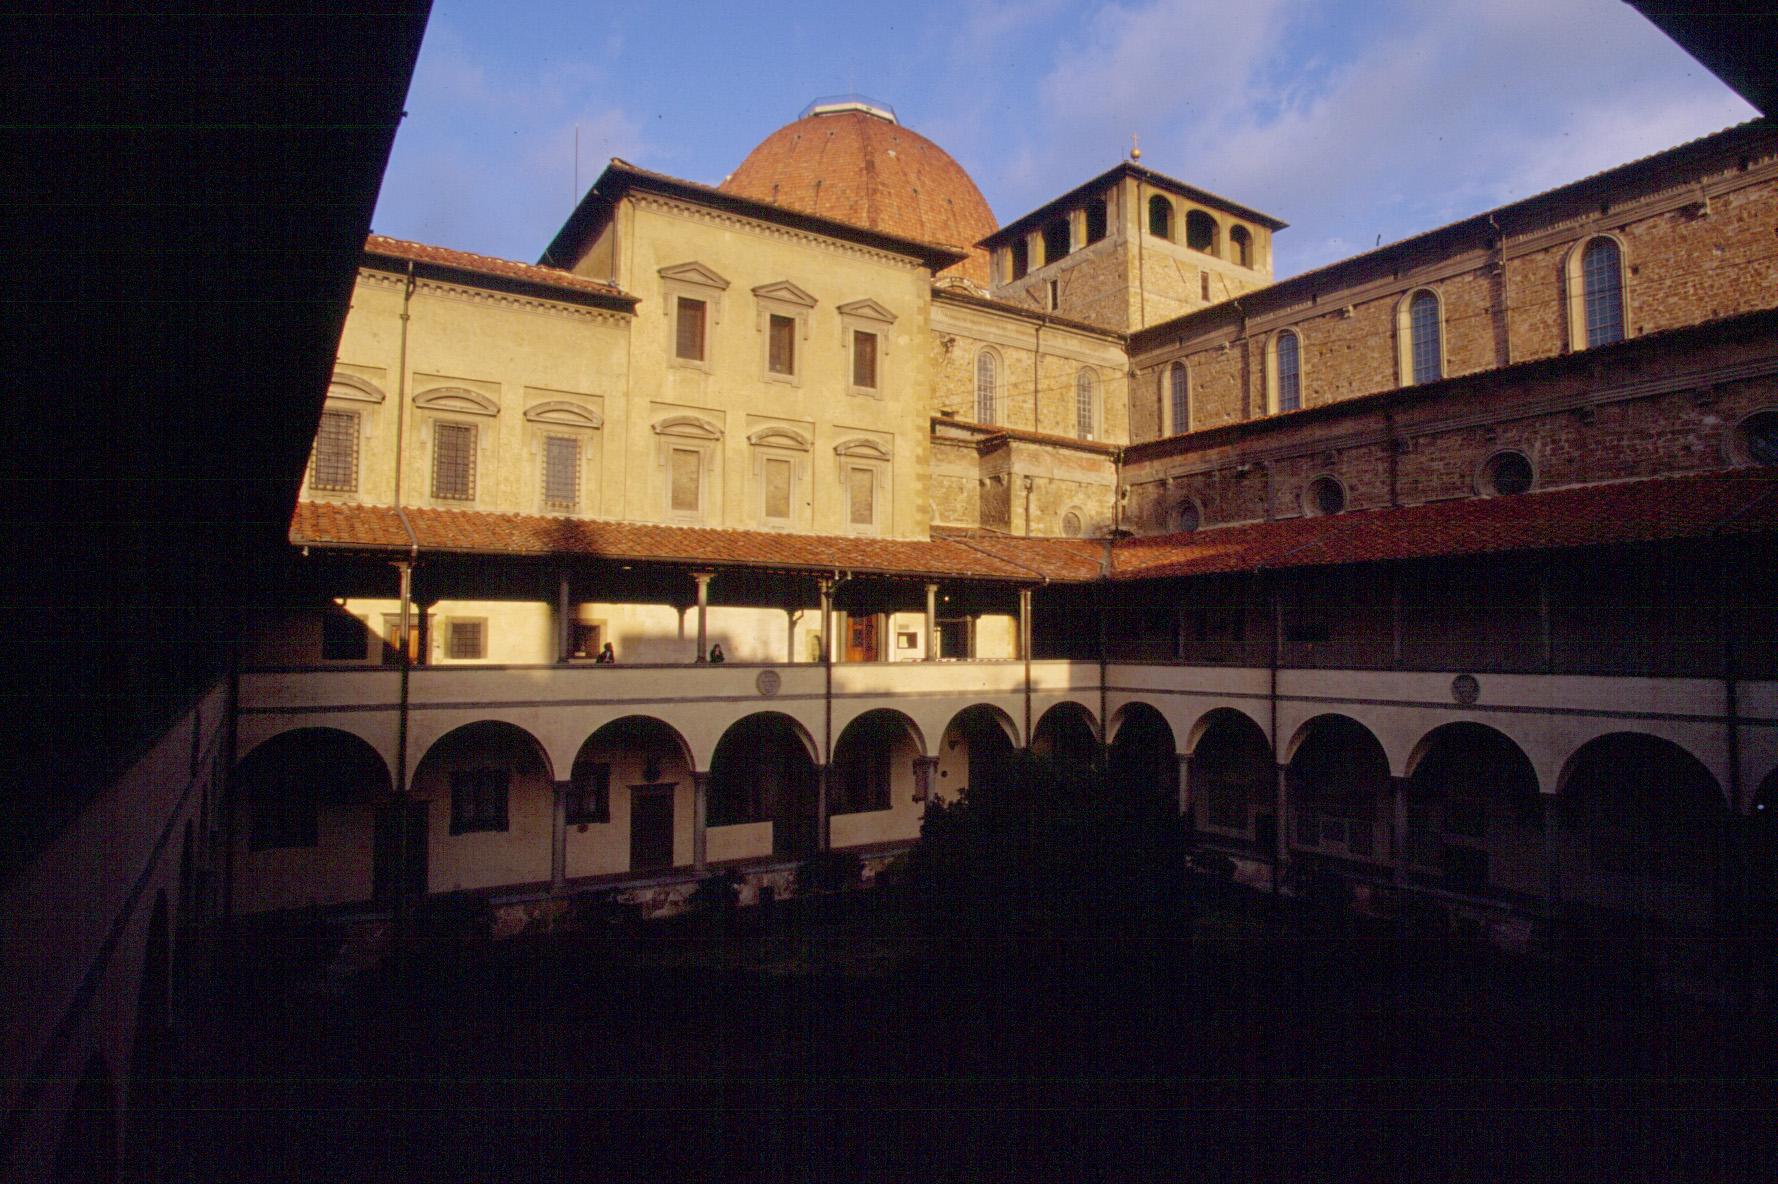 サン・ロレンツォ教会 ラウレンツィアーナ図書館